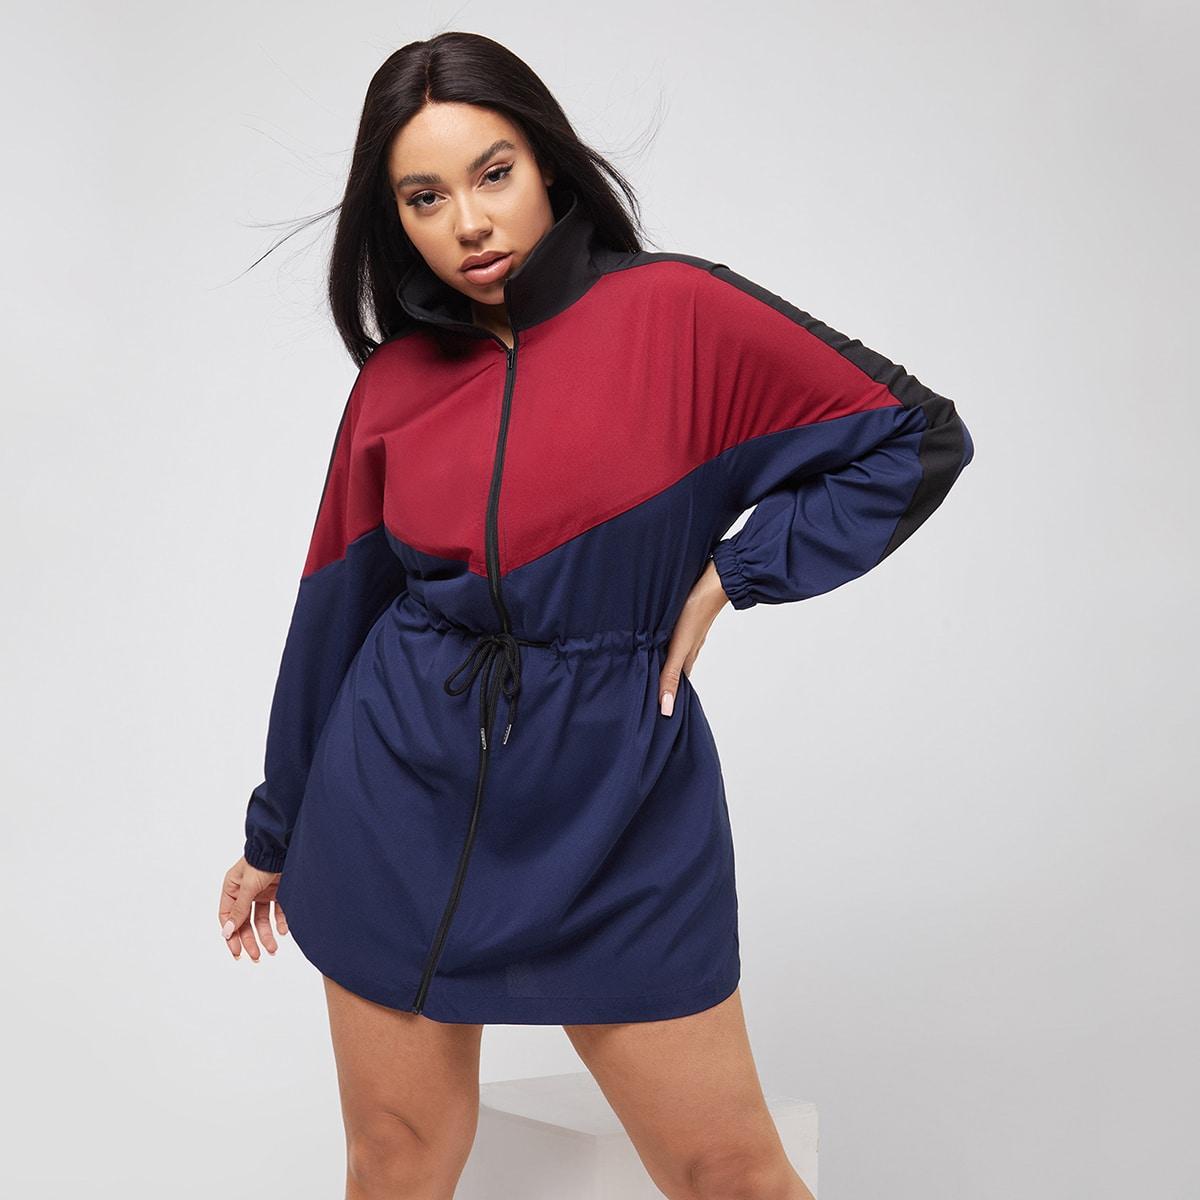 Контрастная спортивная куртка размера плюс